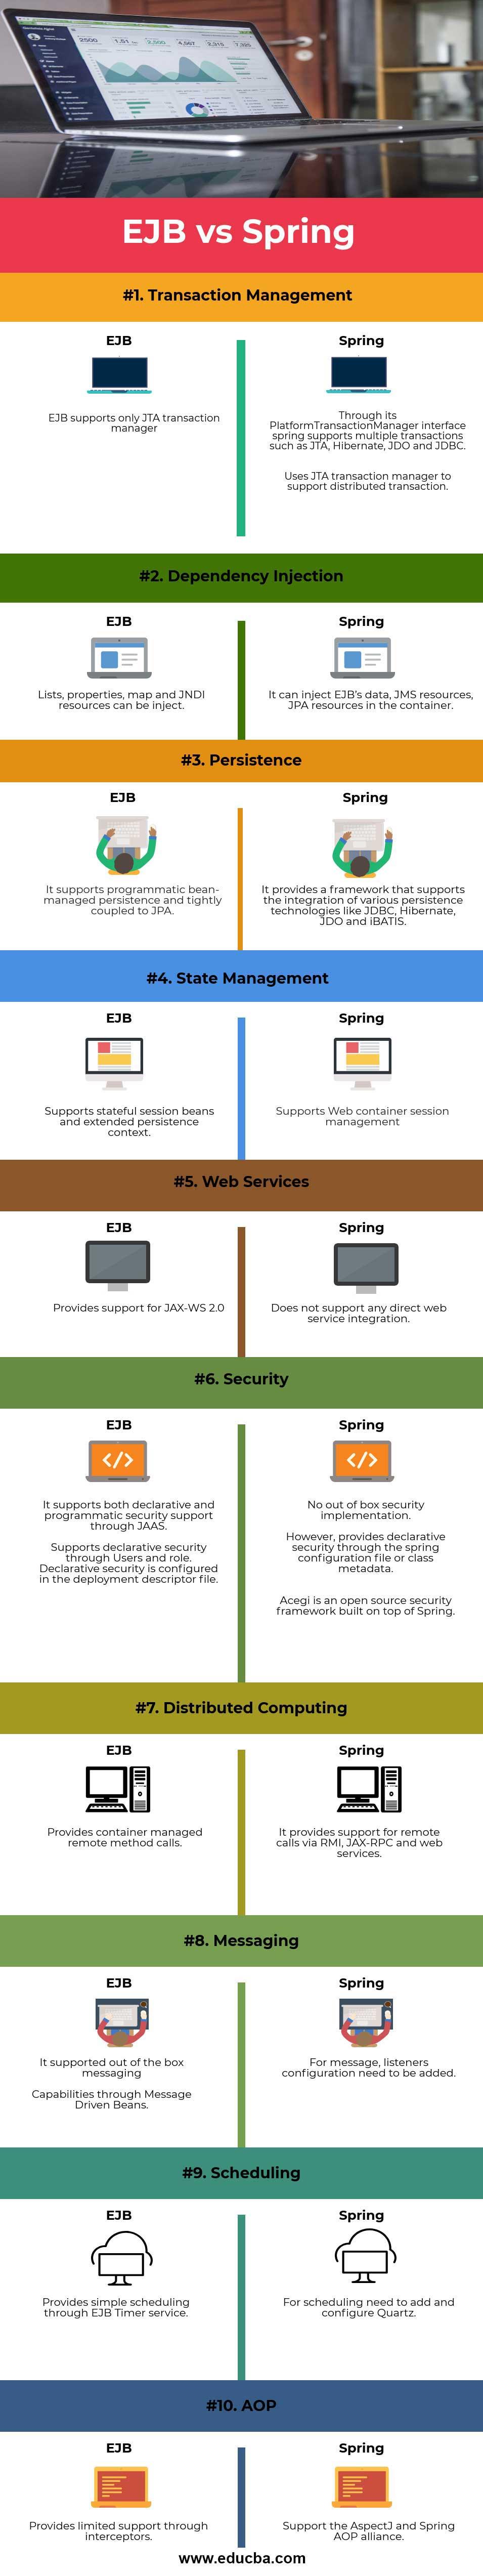 EJB vs Spring info